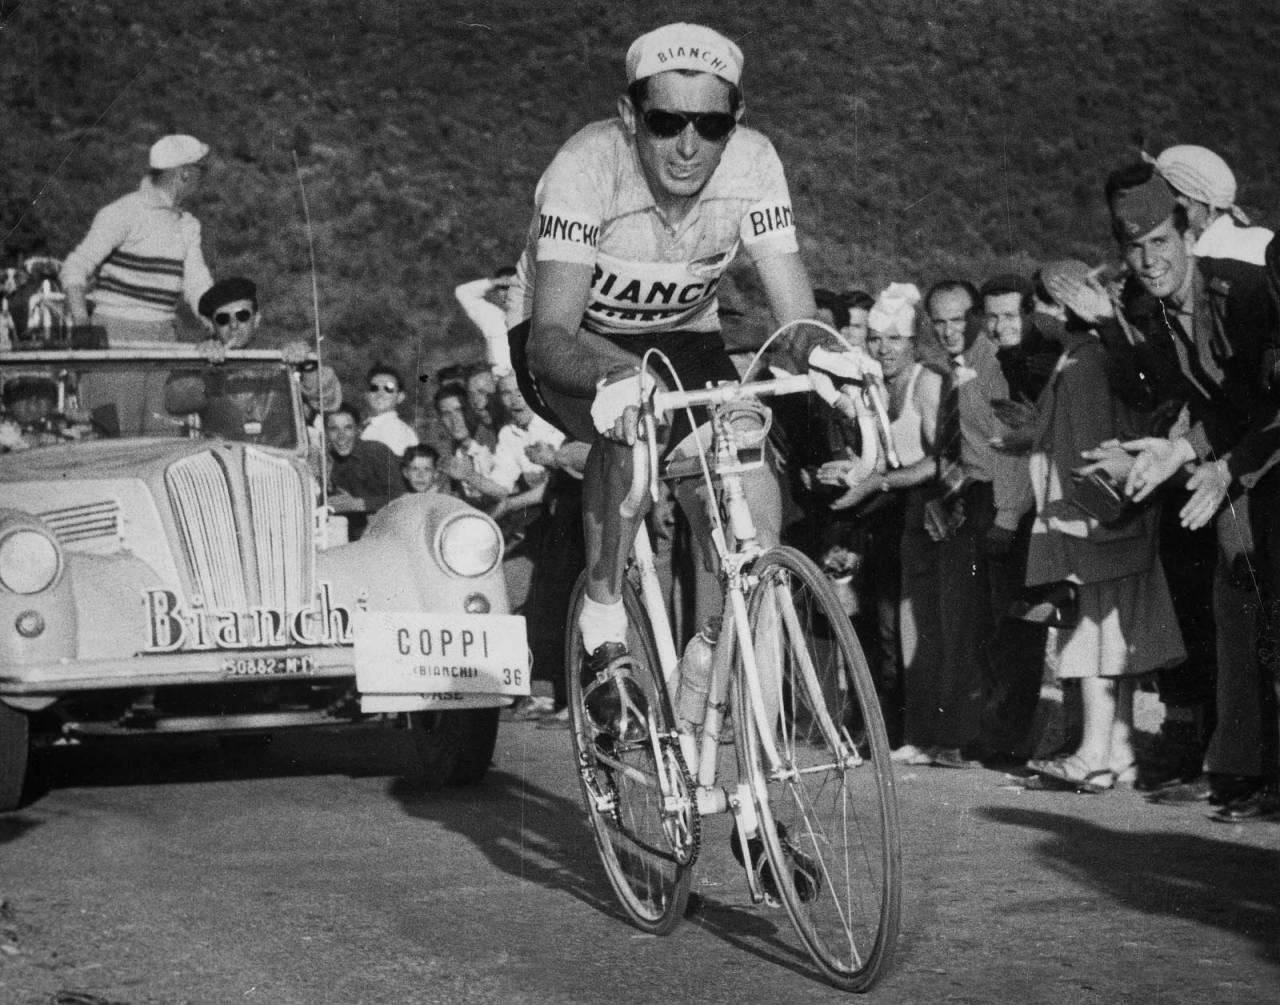 ikonet: Fausto Coppi gjorde sykkelcapsen populær blant både fans og syklister. Foto: Cor Vos.